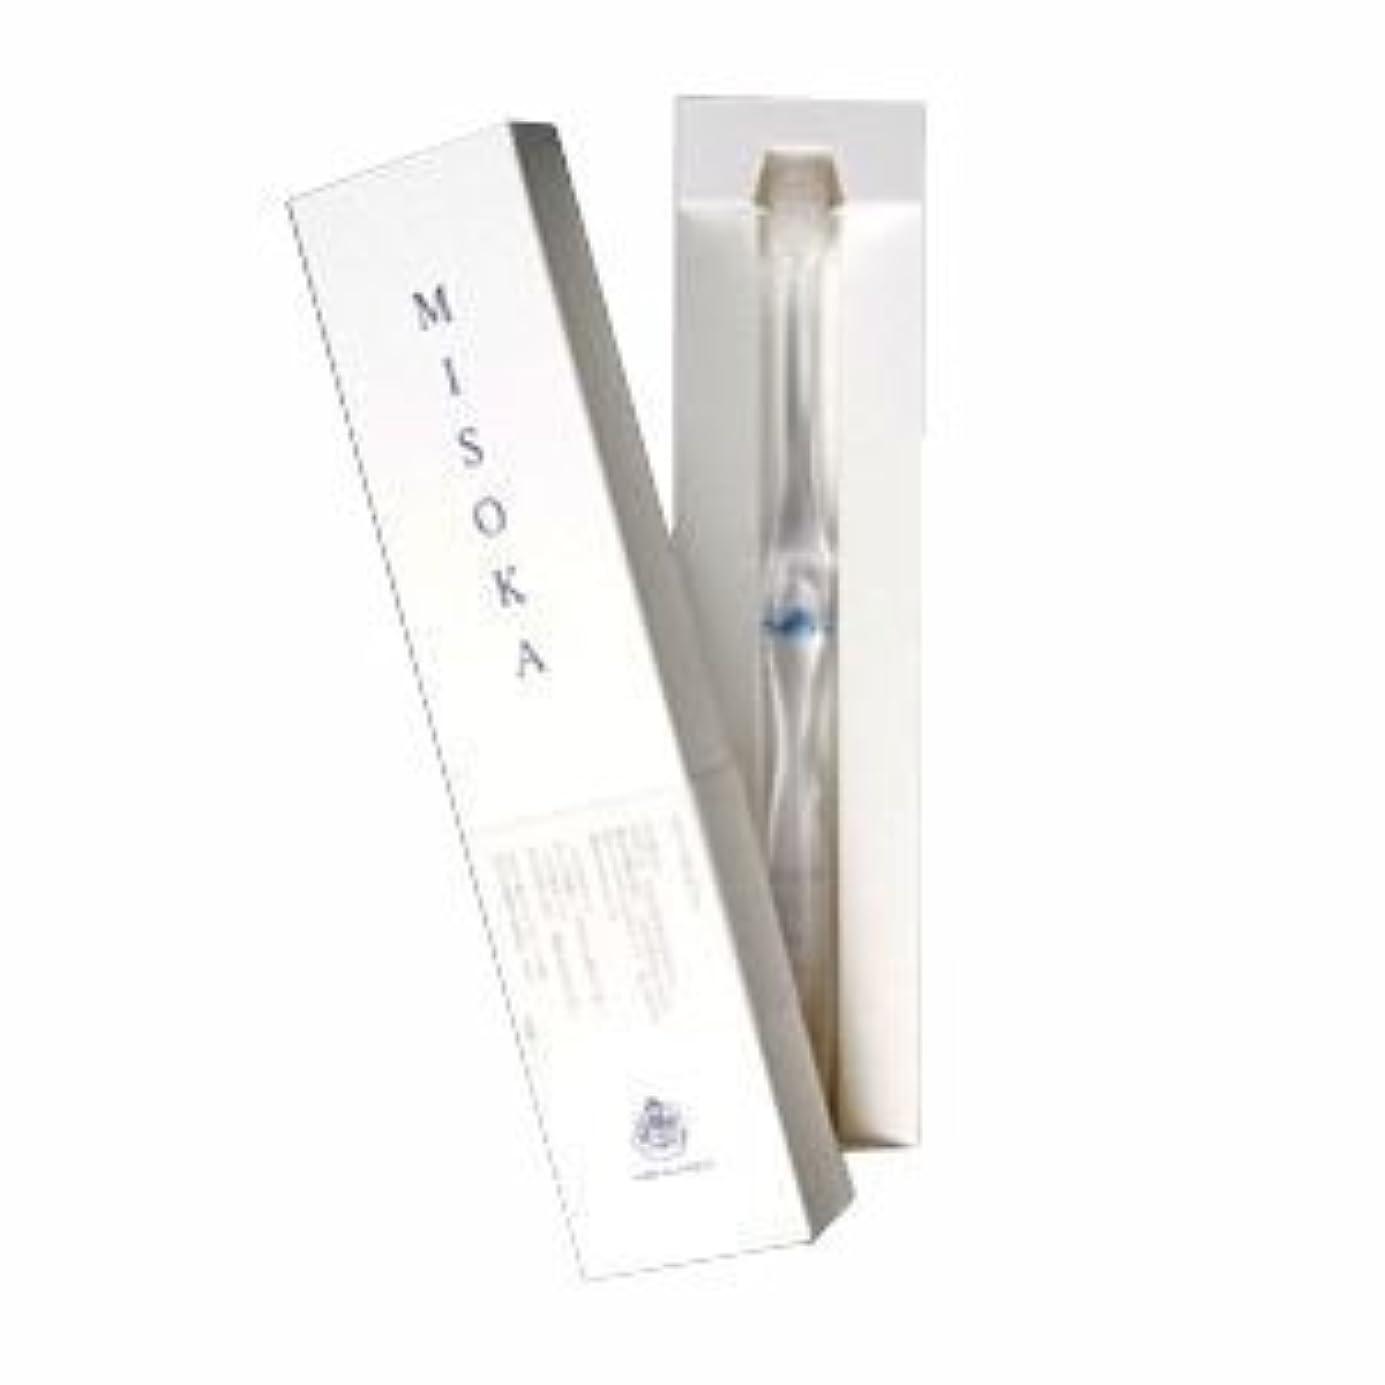 アイドル指定クロニクルmisoka  ミソカ歯ブラシ (藍色) 水でツルツルになるナノテク歯ブラシ